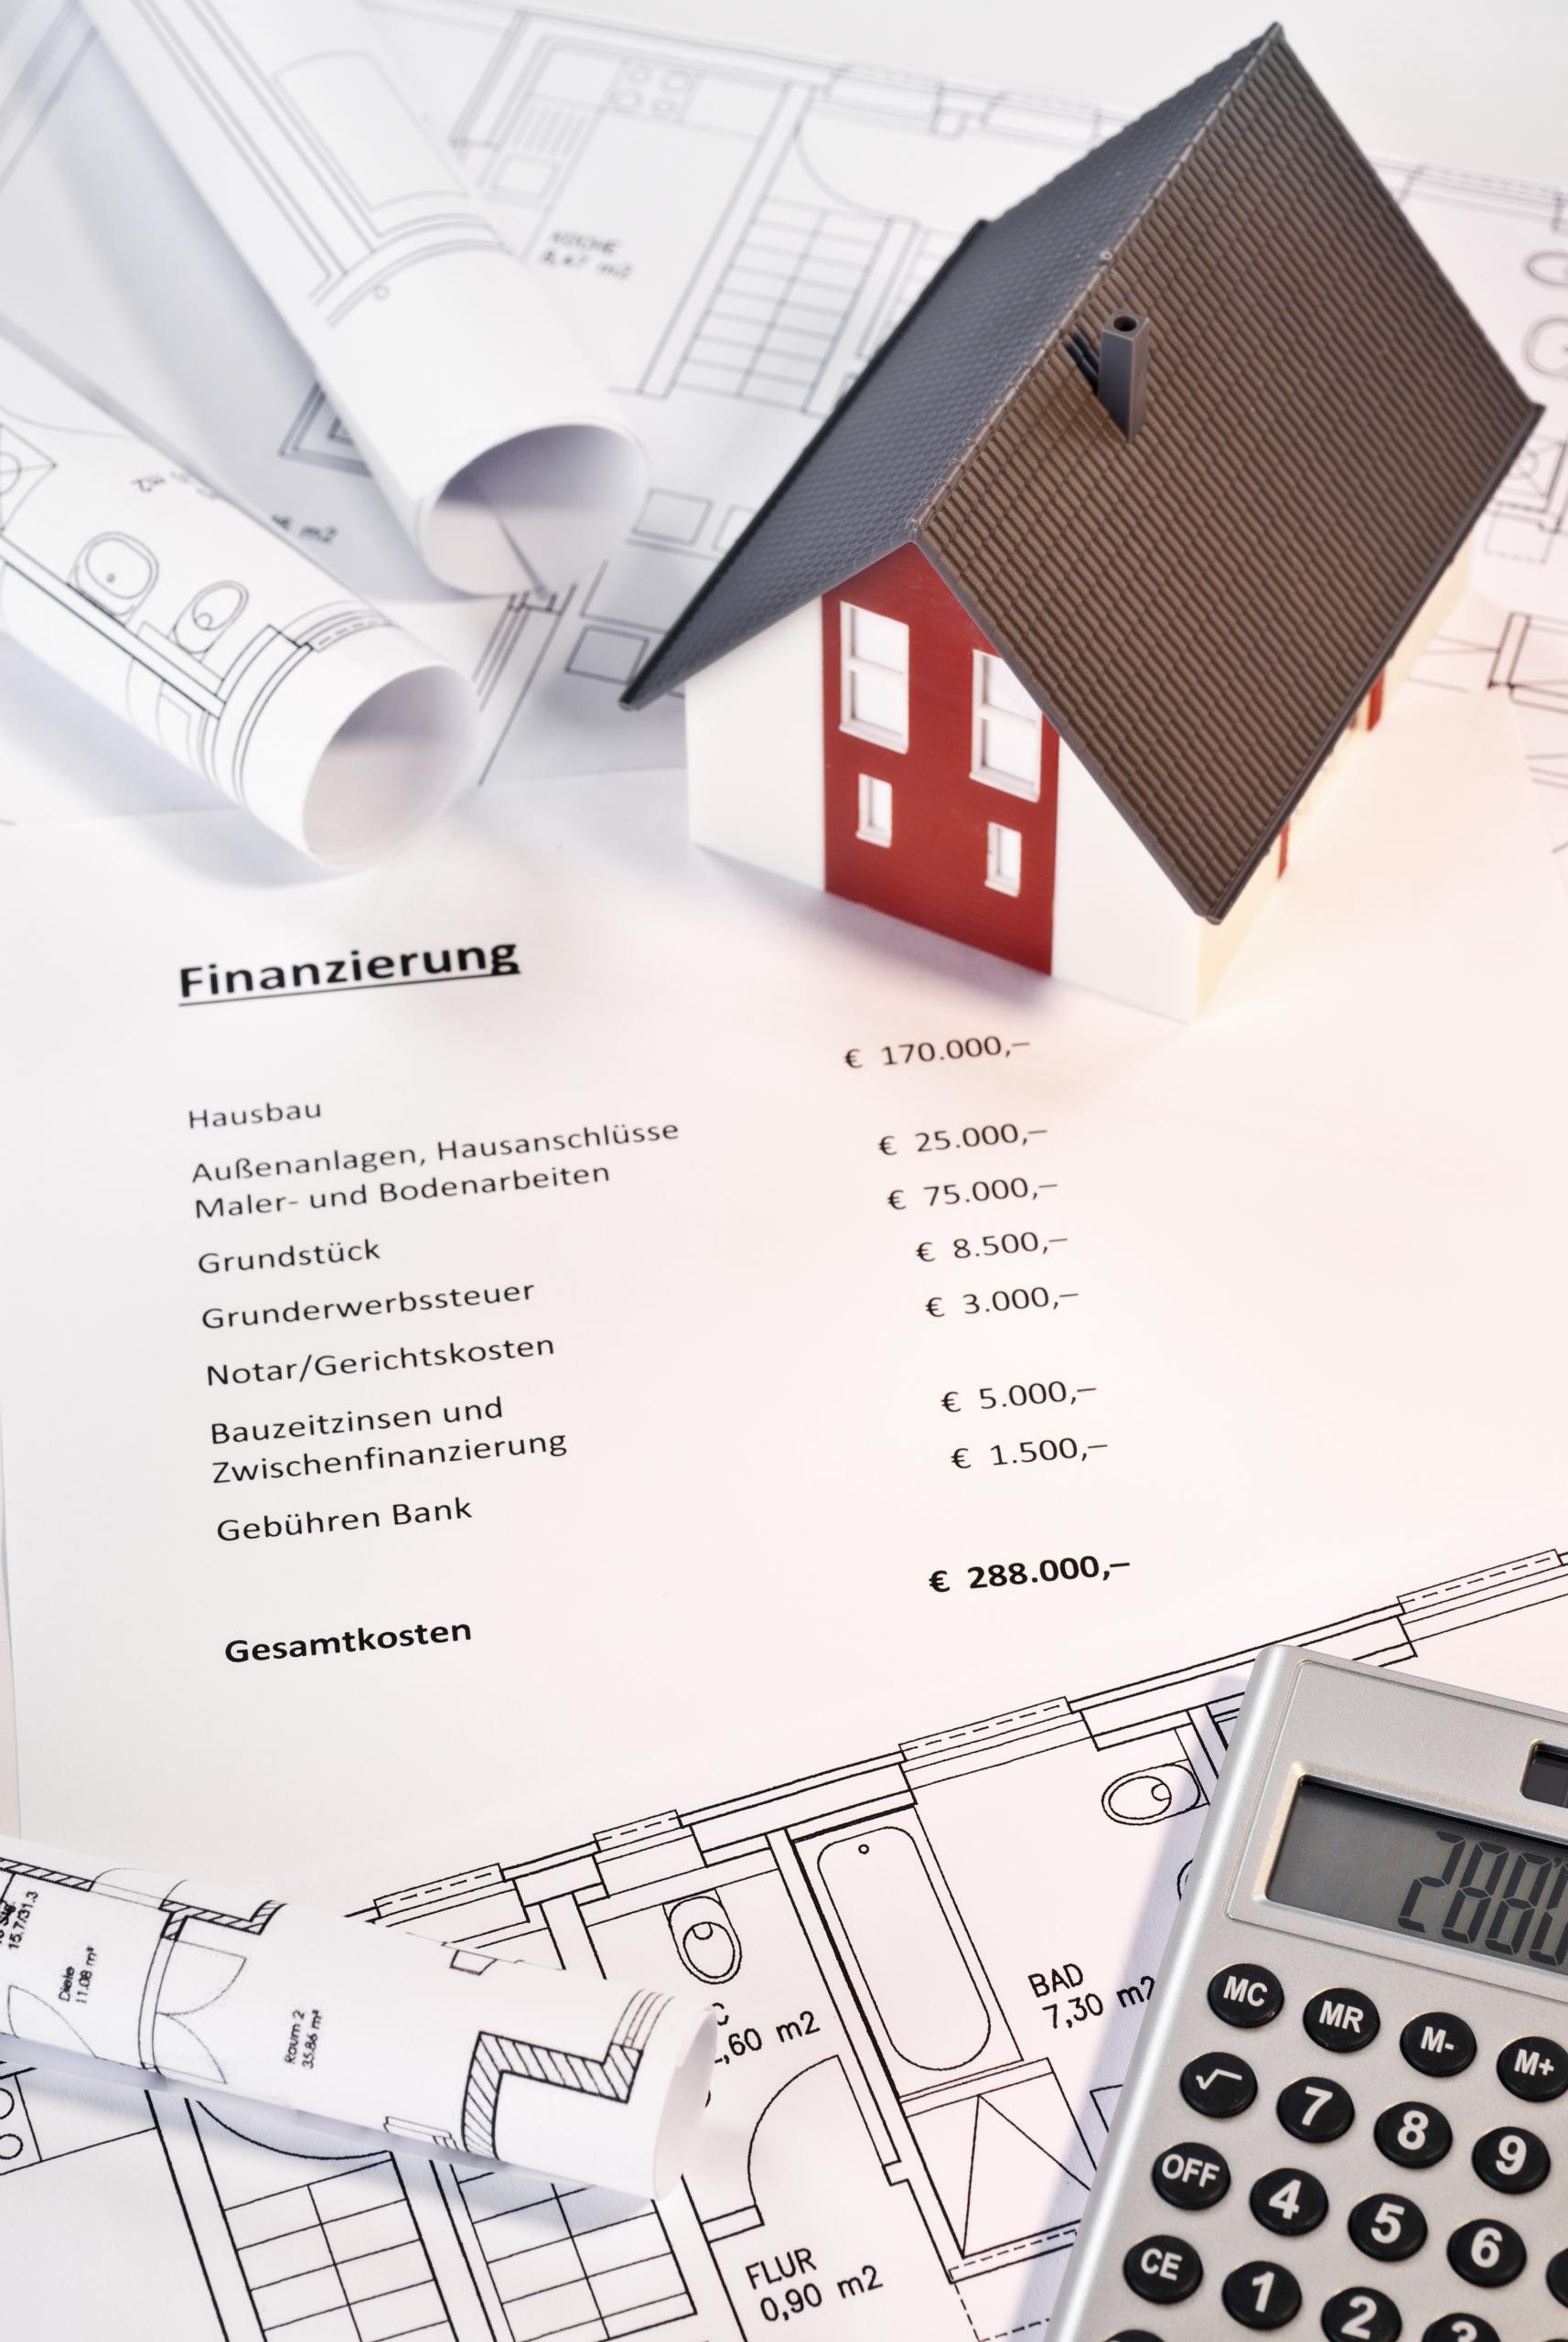 4. Tipp zur Immobilienrettung: Anwaltliche Prüfung von Umschulungsangeboten nach Darlehenskündigung